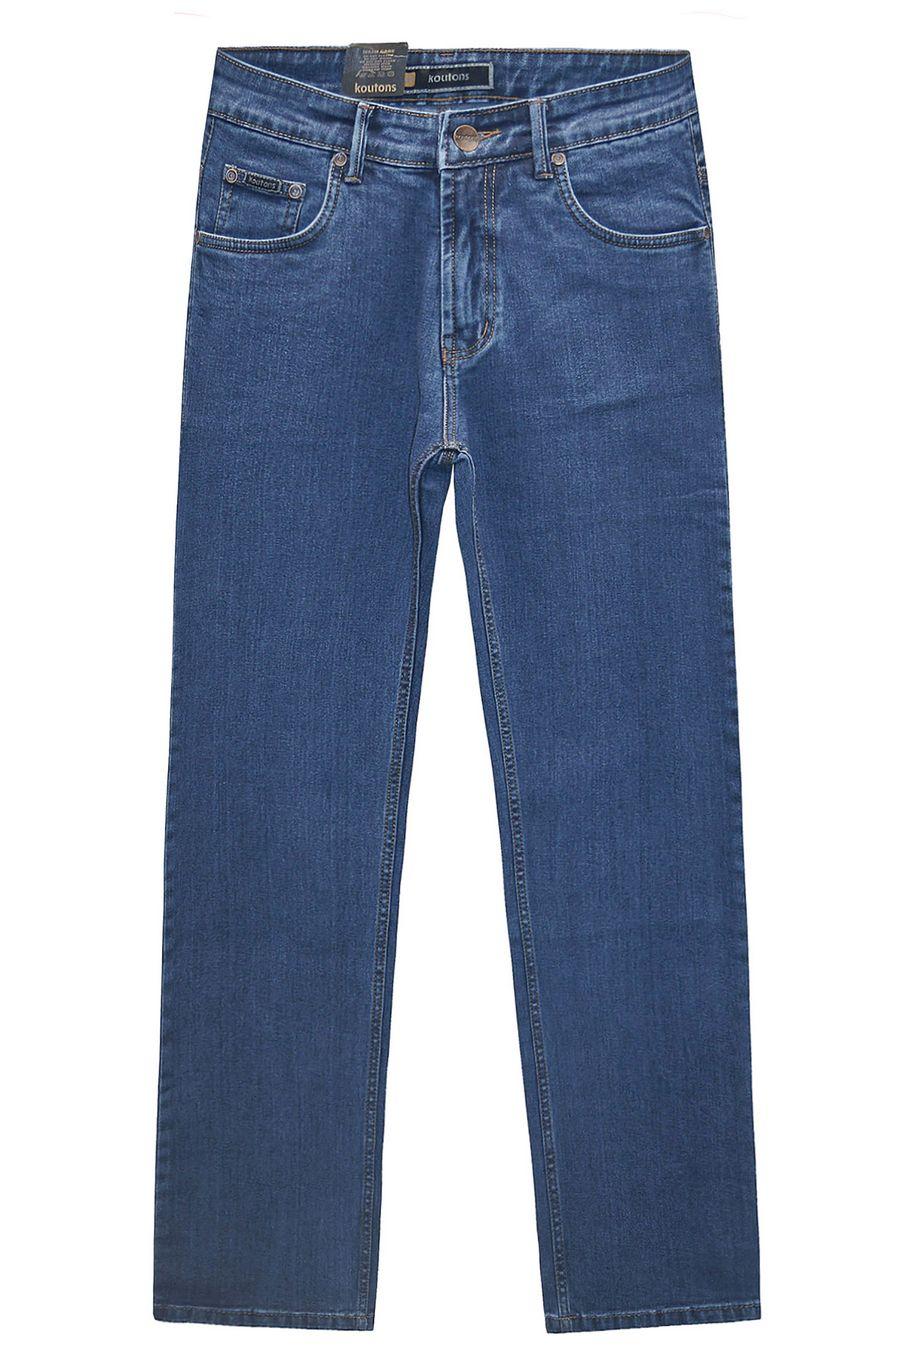 Джинсы мужские Koutons 511-4 Stretch Blue - фото 1